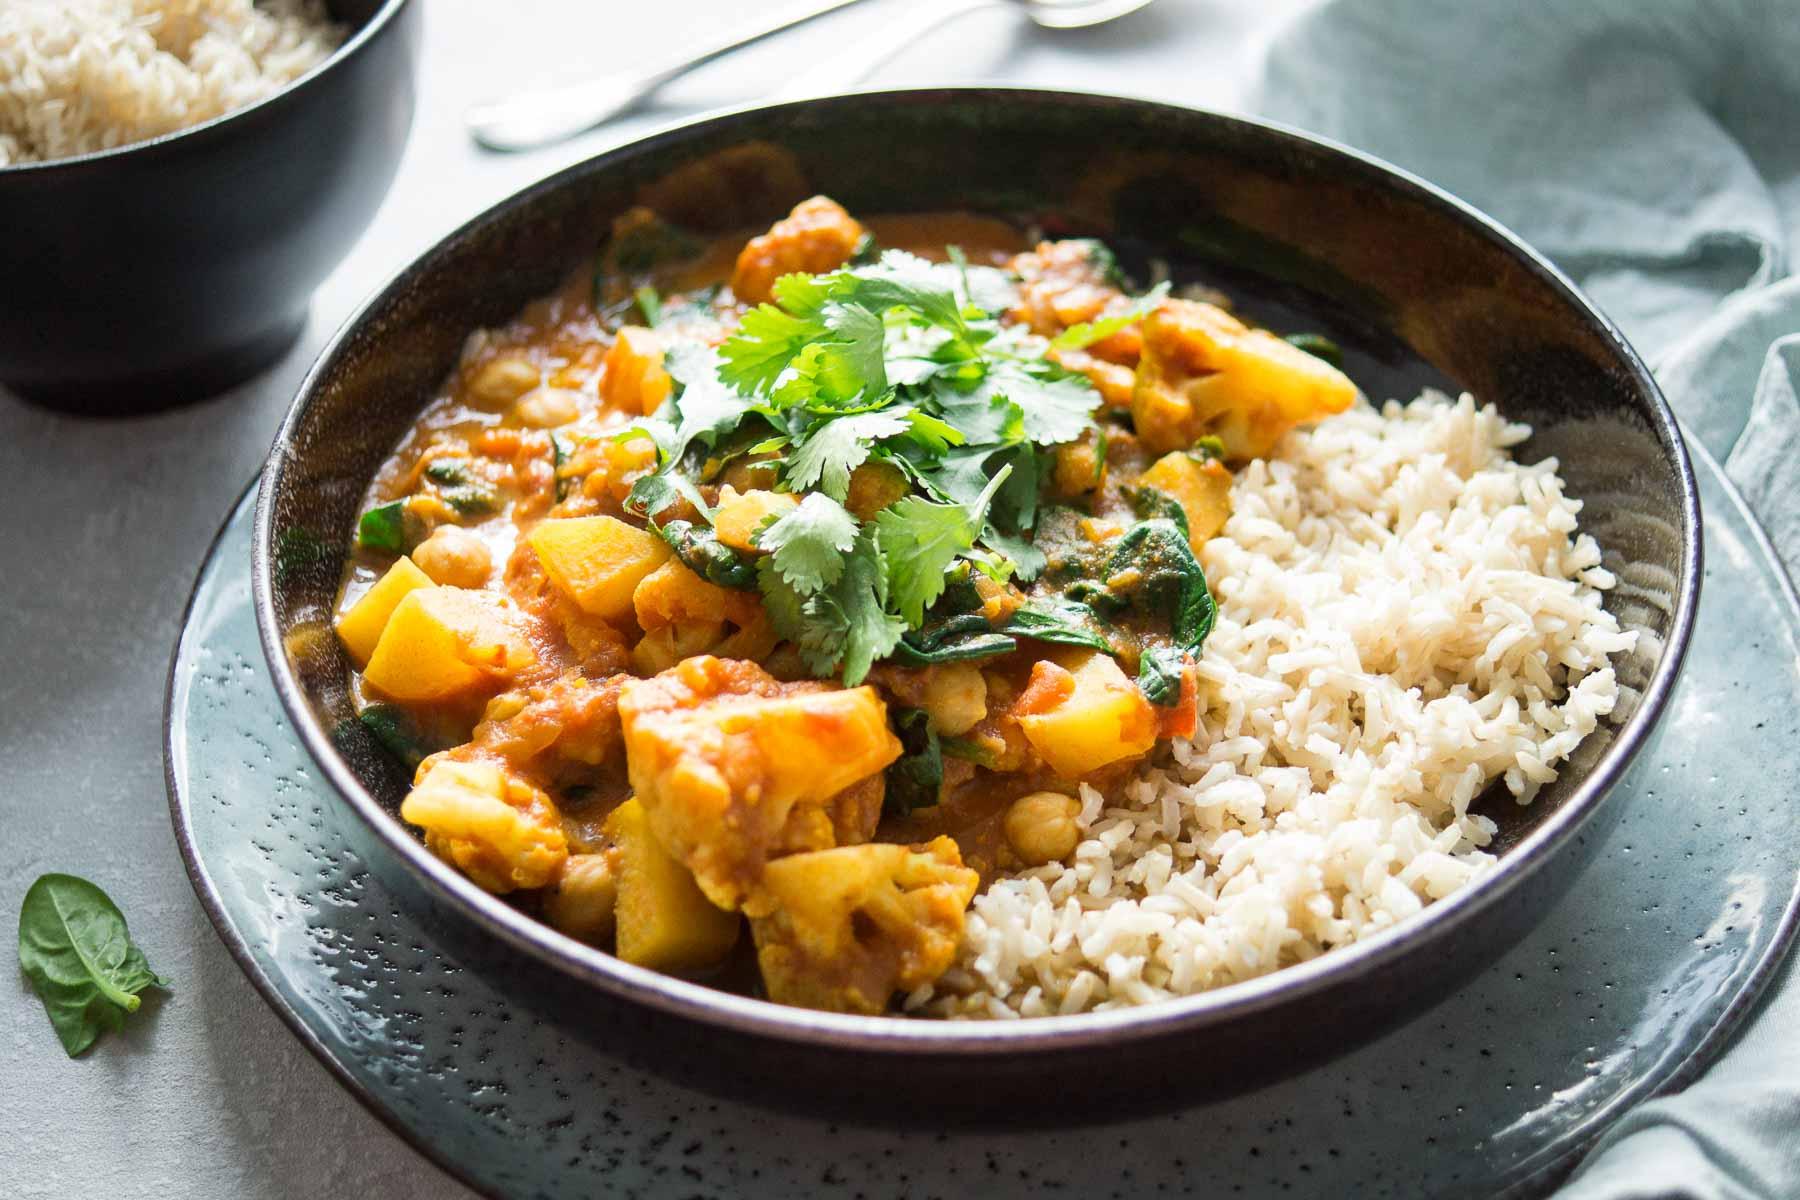 Blumenkohl Kartoffel Curry Rezept Elle Republic Einfach Gesund